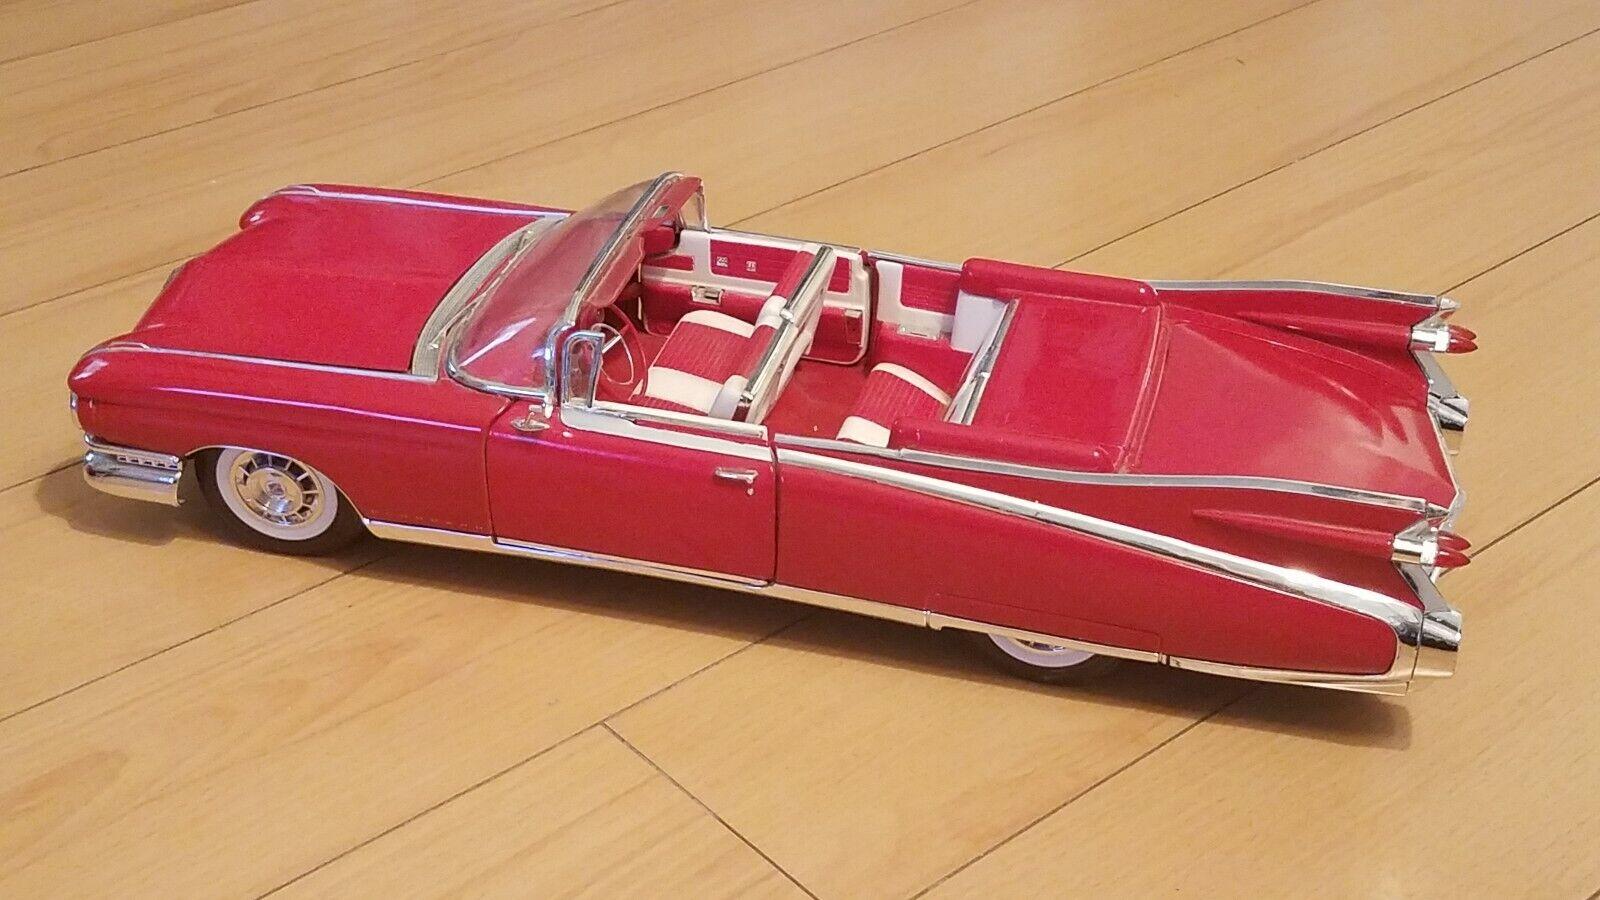 1959 Cadillac Eldorado Diecast Heavy 19x6 1 4x4in Size Red Classic